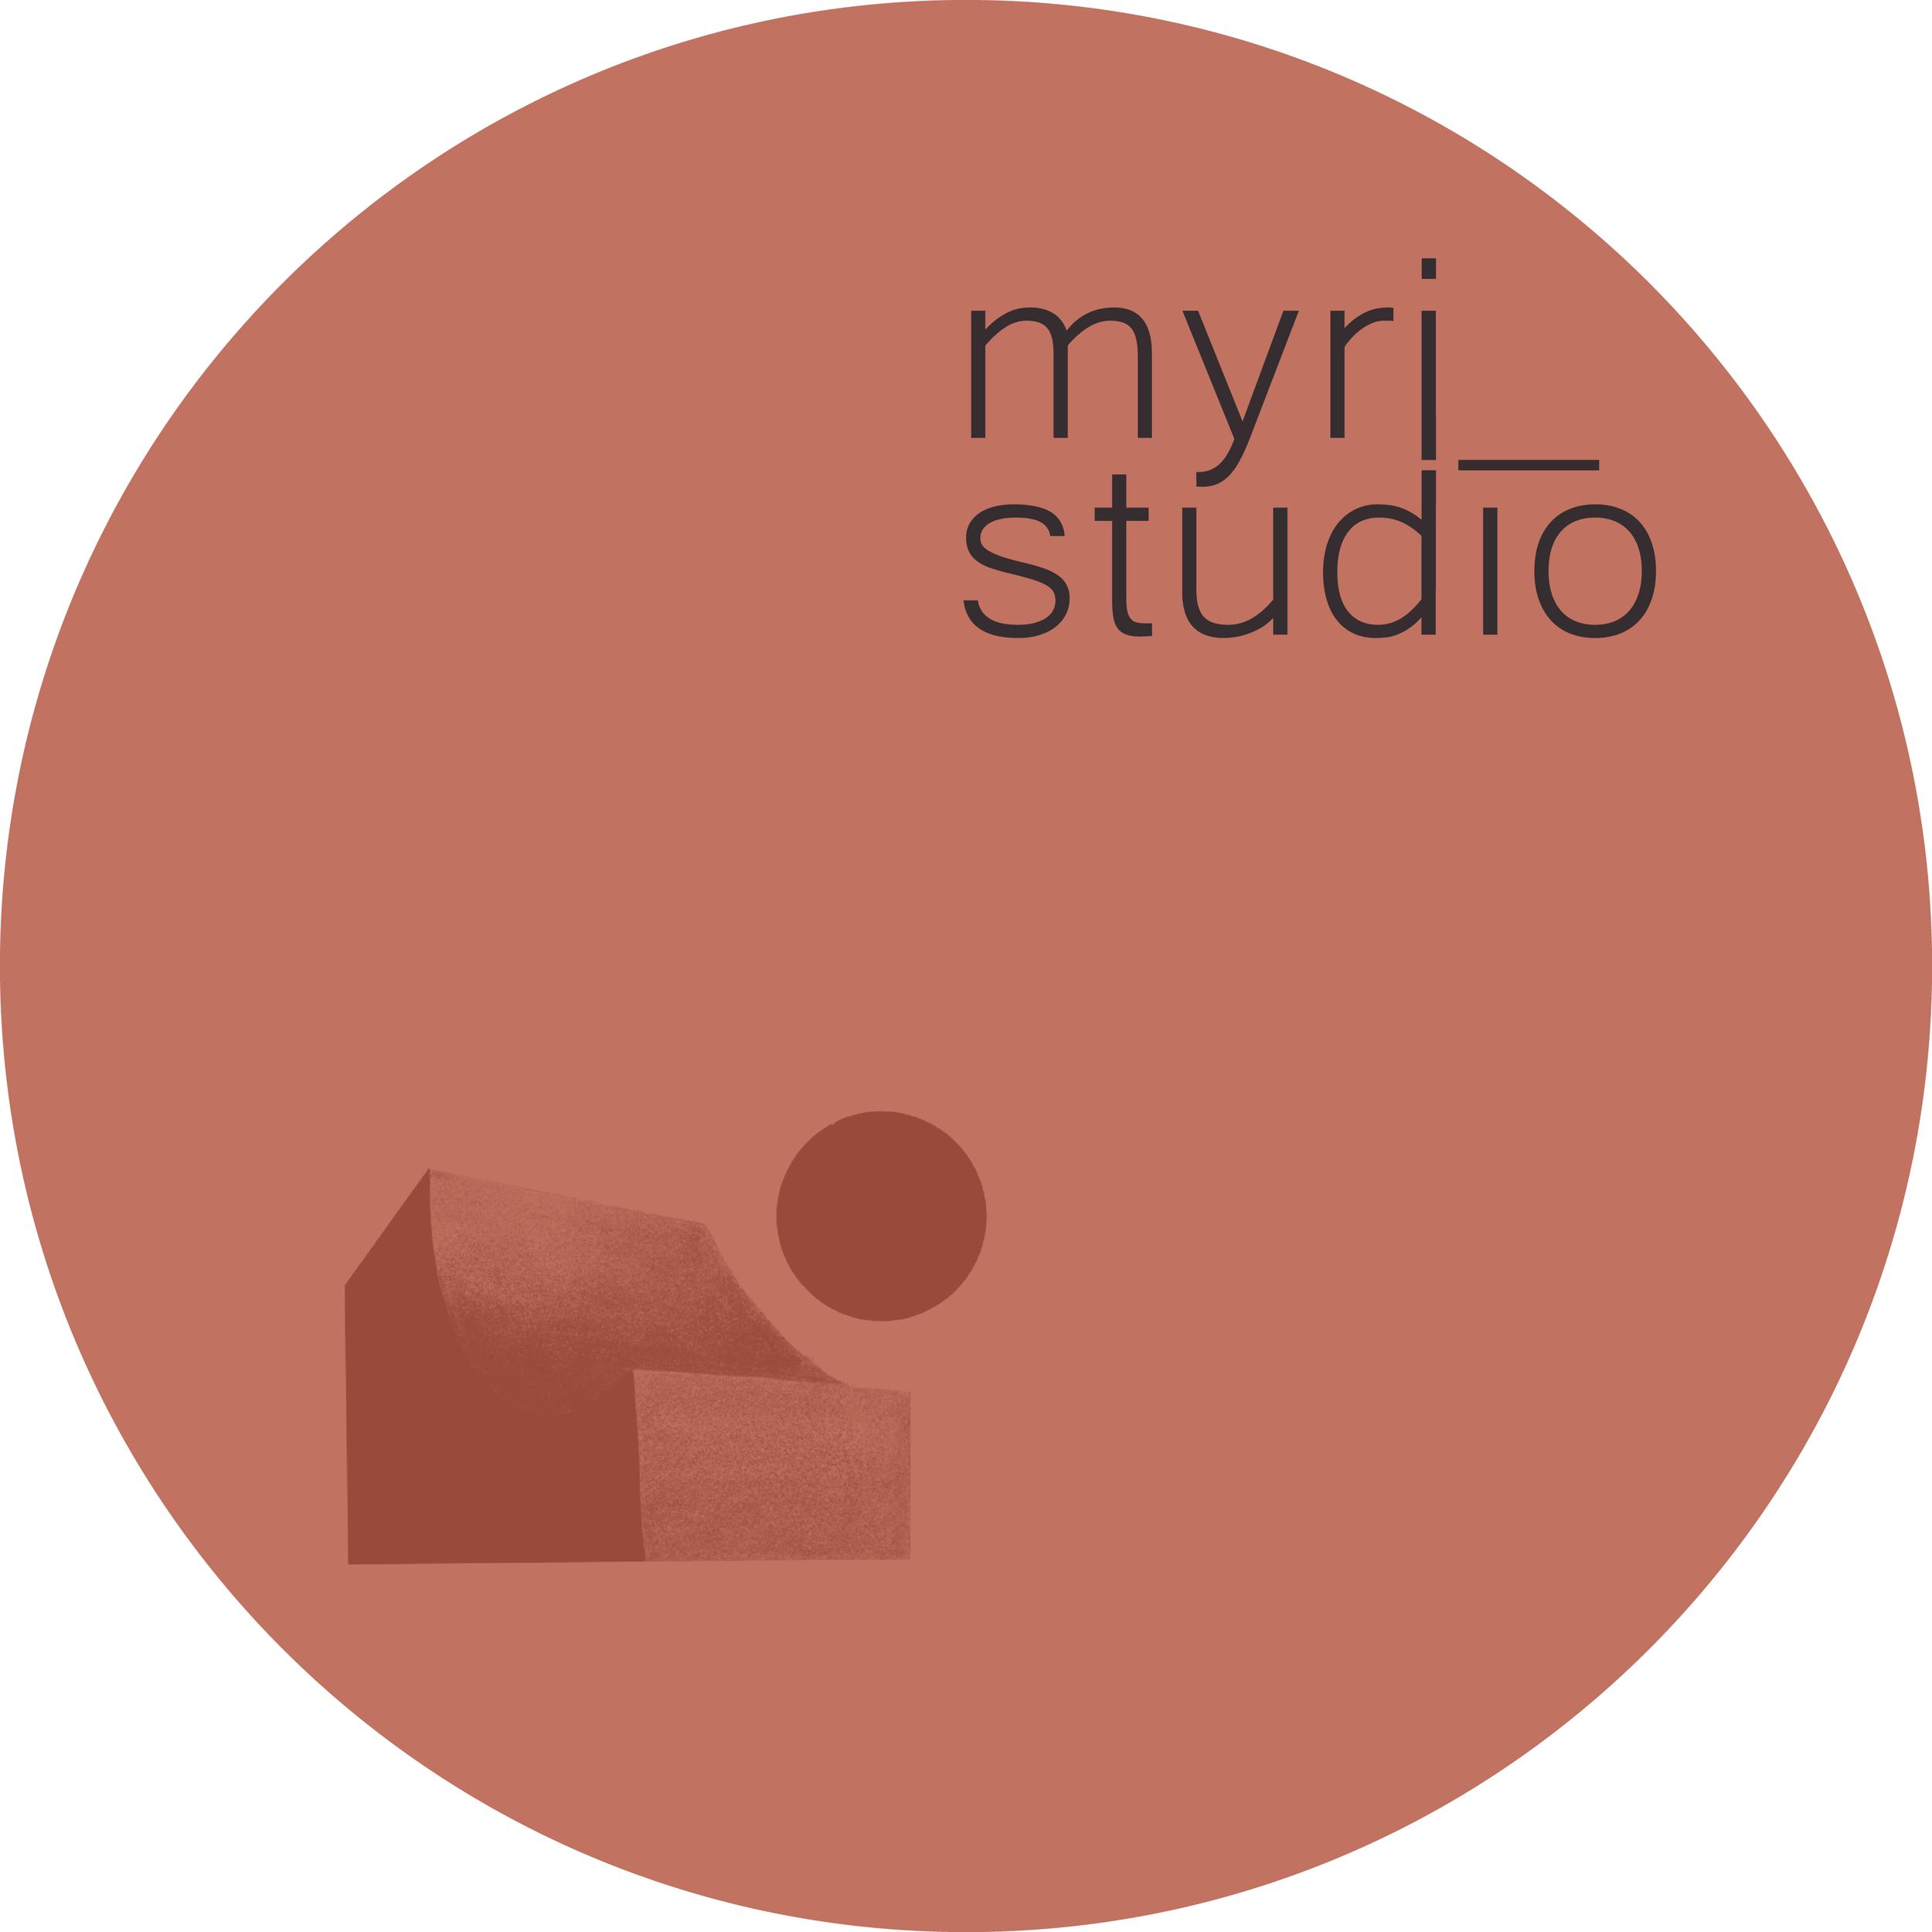 myri studio; design studio; nomad design; multidisciplinary design; myriam rigaud